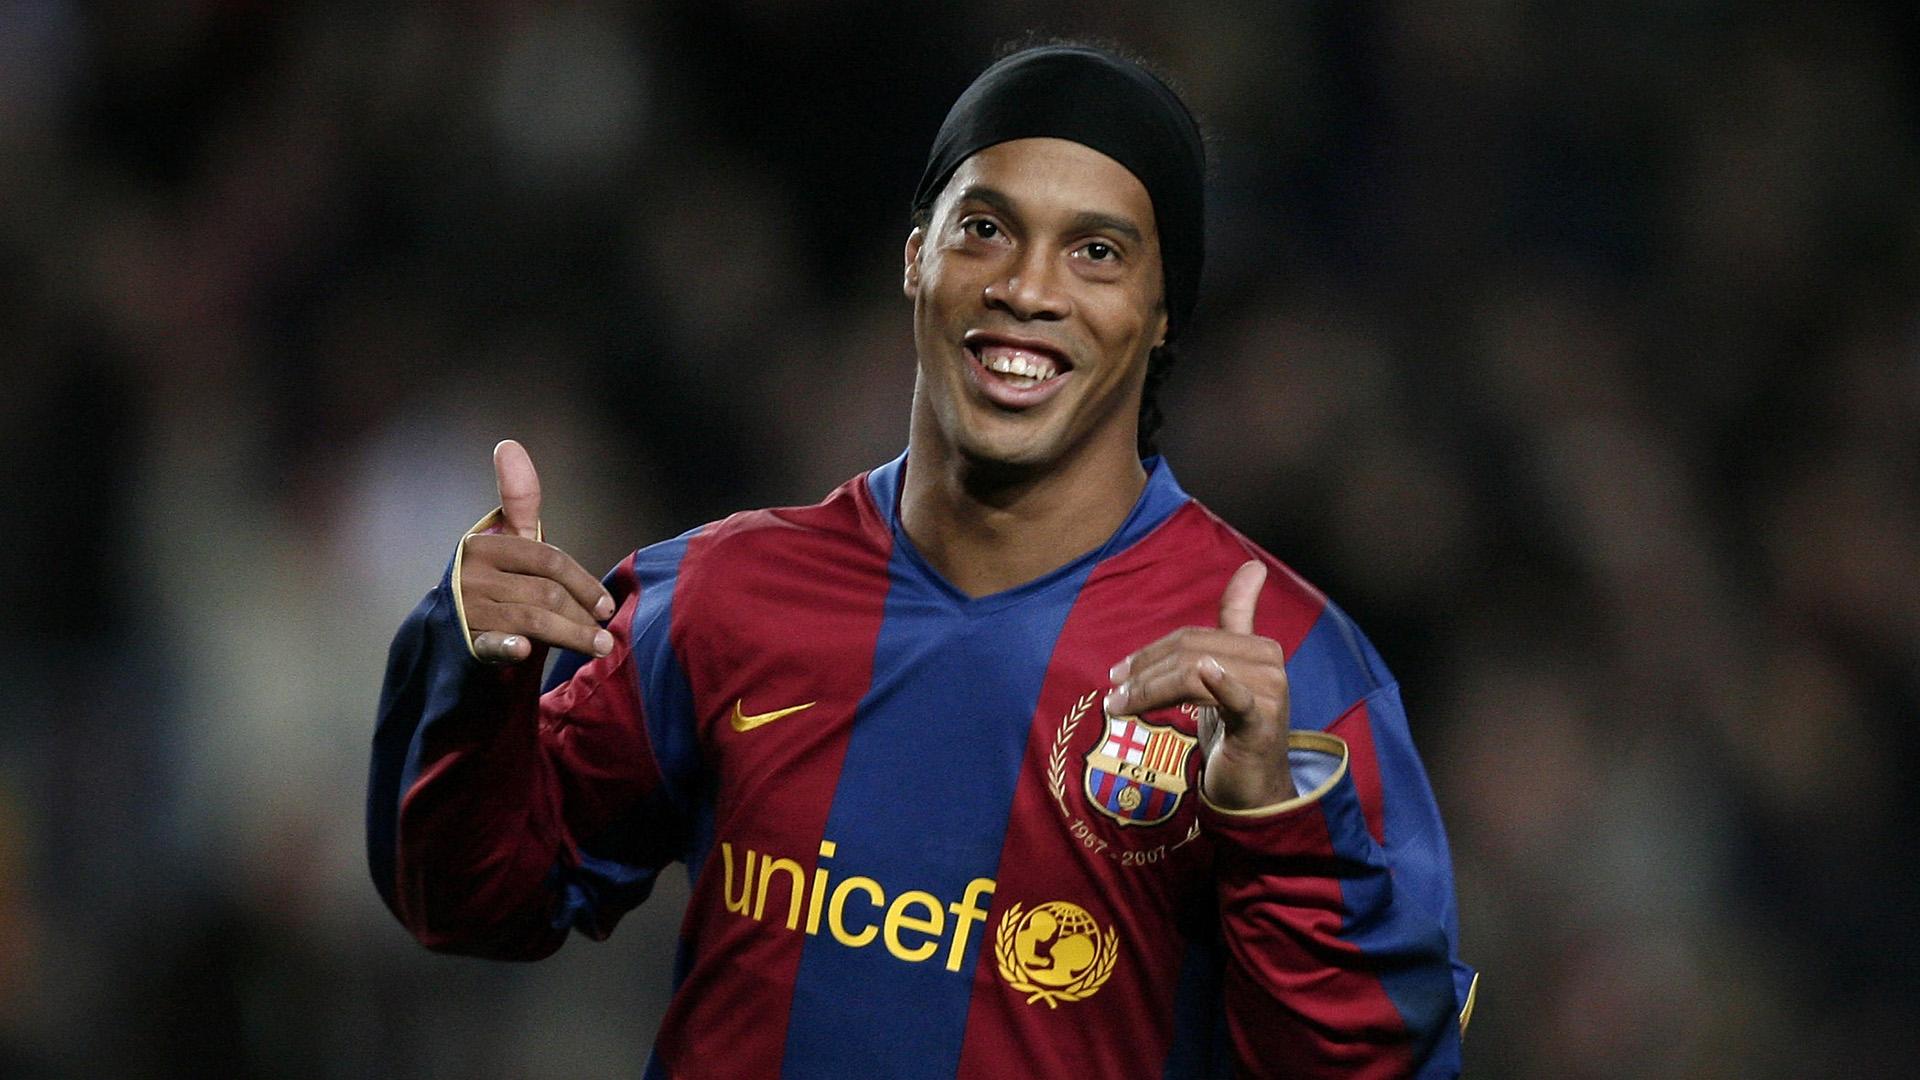 اهداف رونالدينهو مع برشلونة بتعليق الشوالي,اهداف رونالدينو مع برشلونة,عدد اهداف رونالدينيو مع برشلونة,عدد اهداف رونالدينهو مع برشلونة,اهداف رونالدينيو في برشلونة,اهداف رونالدينيو في برشلونة بتعليق الشوالي,اهداف رونالدينيو مع برشلونه,اهداف رونالدينو مع برشلونه ,رونالدينيو مع برشلونه ,اهداف رونالدينيو في برشلونه,جميع اهداف رونالدينهو مع برشلونة, اهداف رونالدينهو مع برشلونة,اجمل اهداف رونالدينهو مع برشلونة,رونالدينهو مع برشلونة